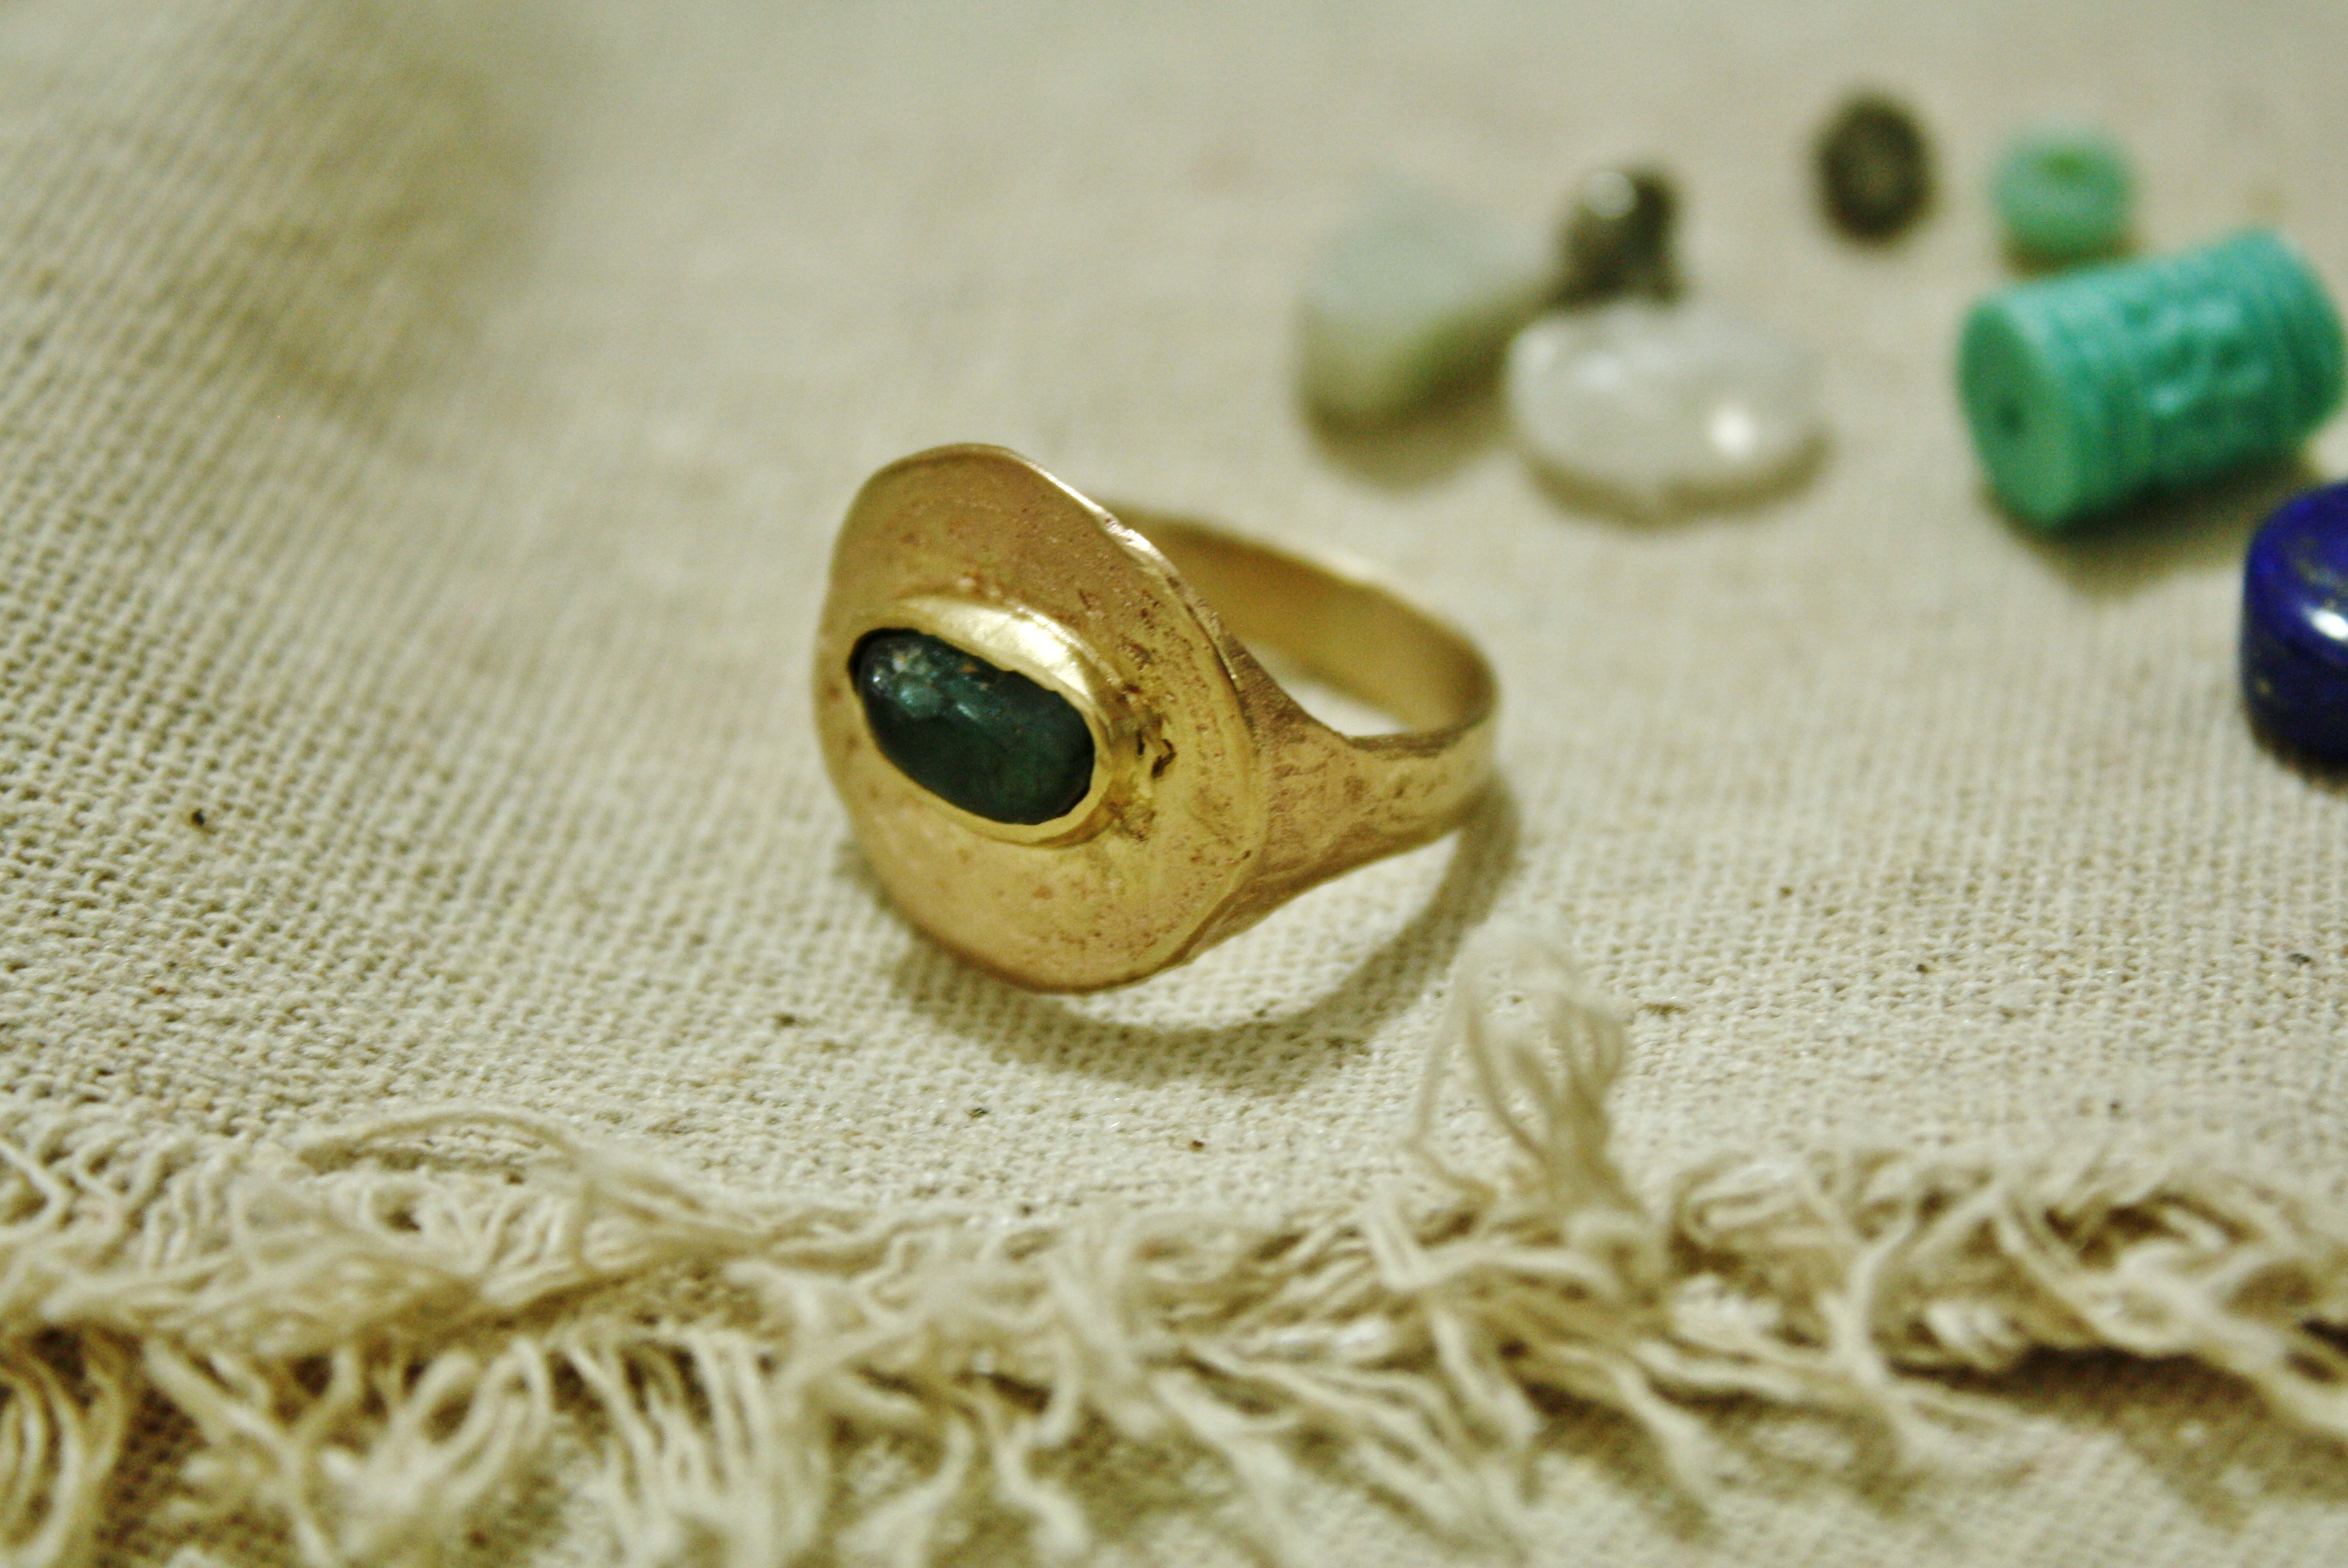 טבעת מטבעות הגורל, משובצת אבן אפטייט